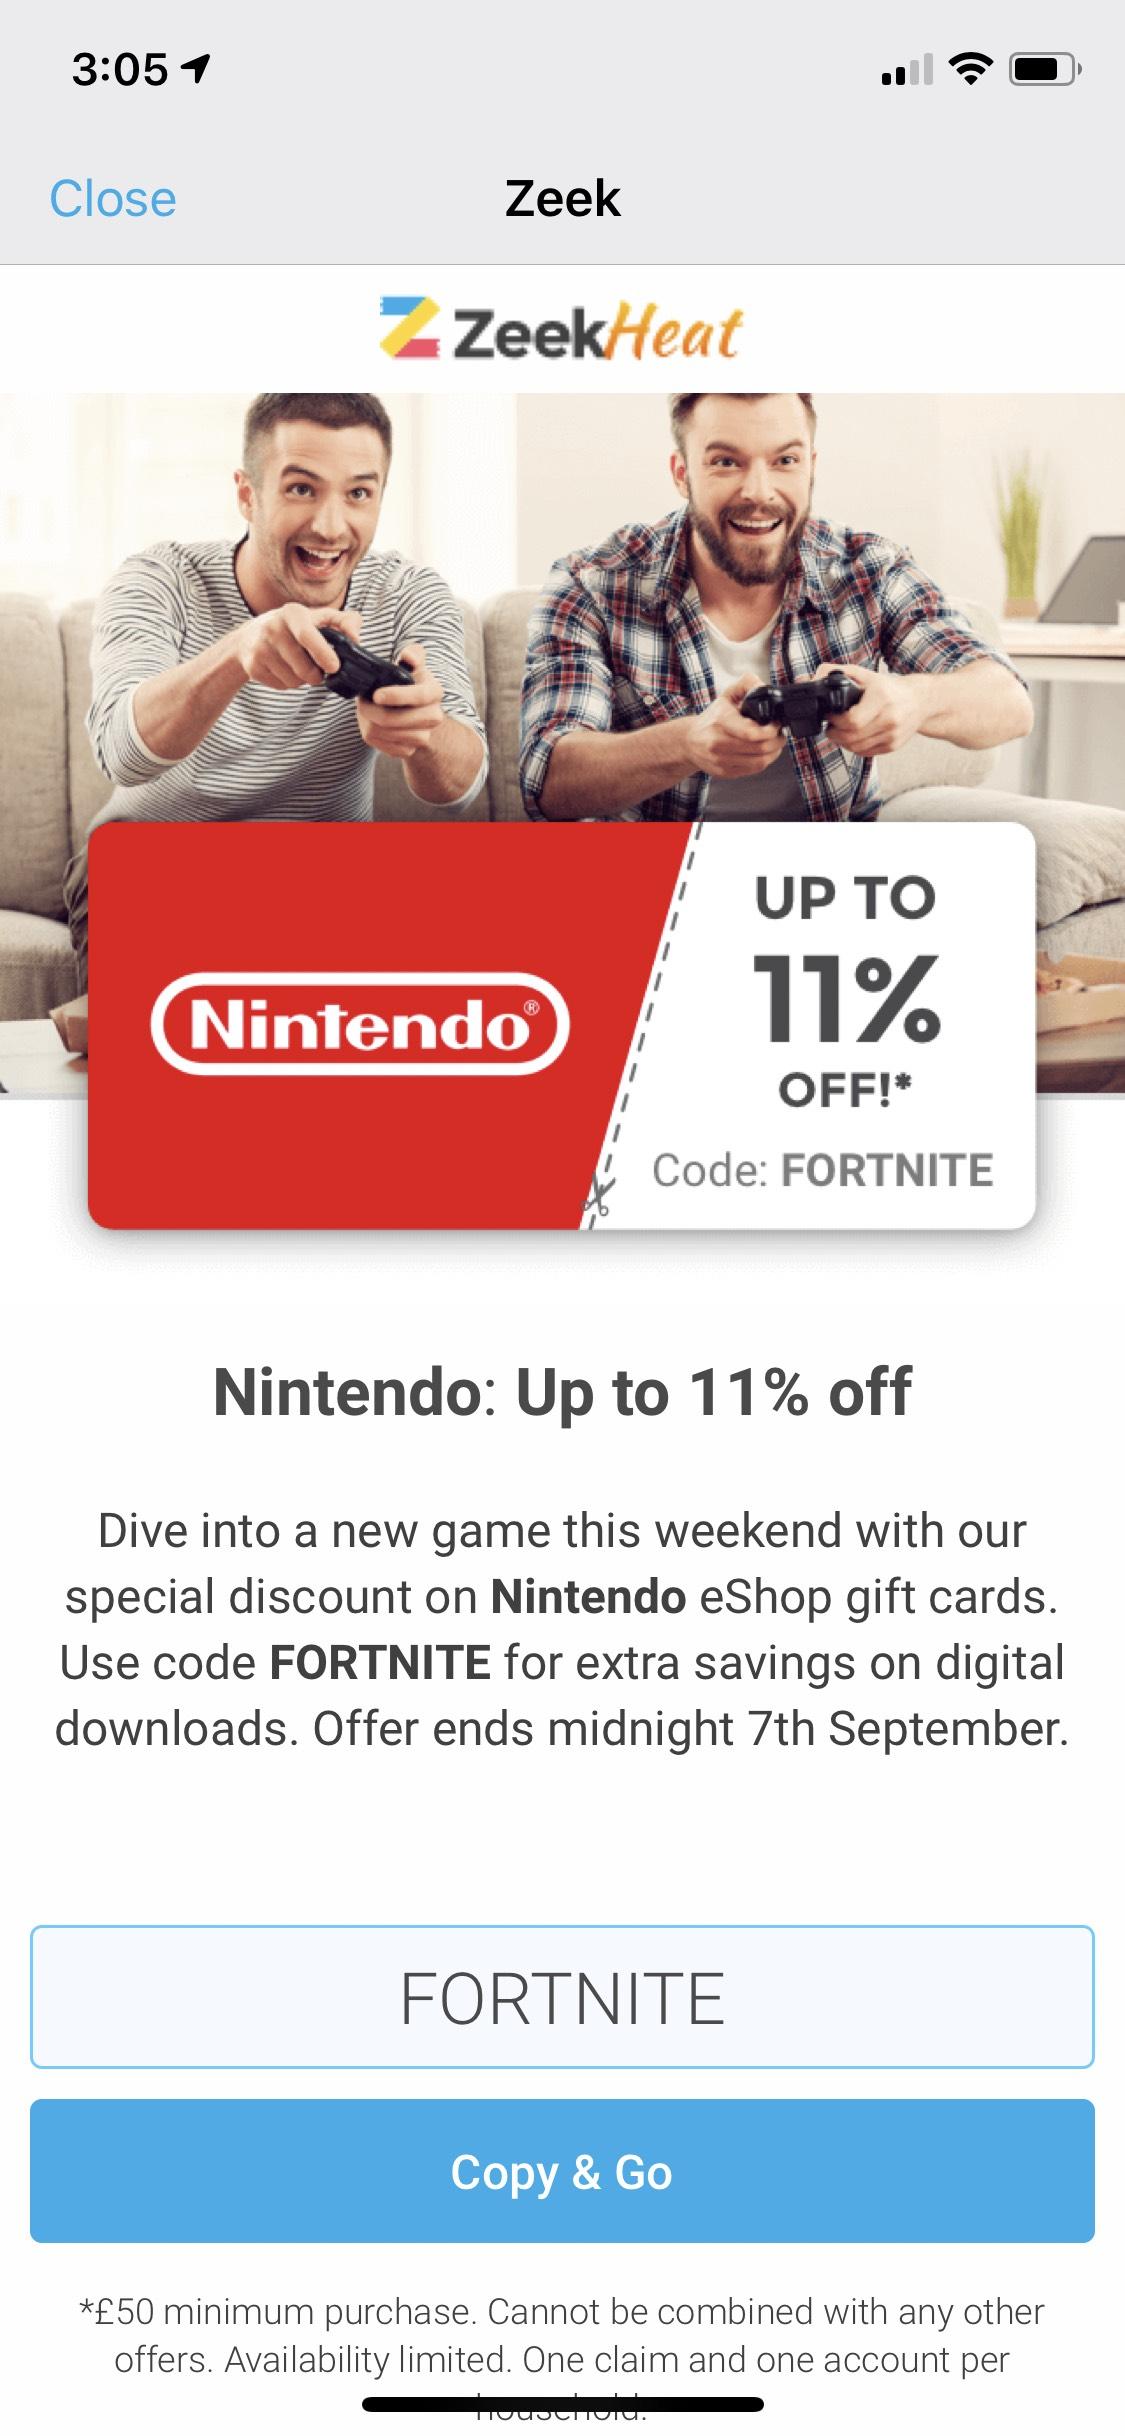 11% off Nintendo eshop purchases - £50 voucher for £44.50 @ Zeek